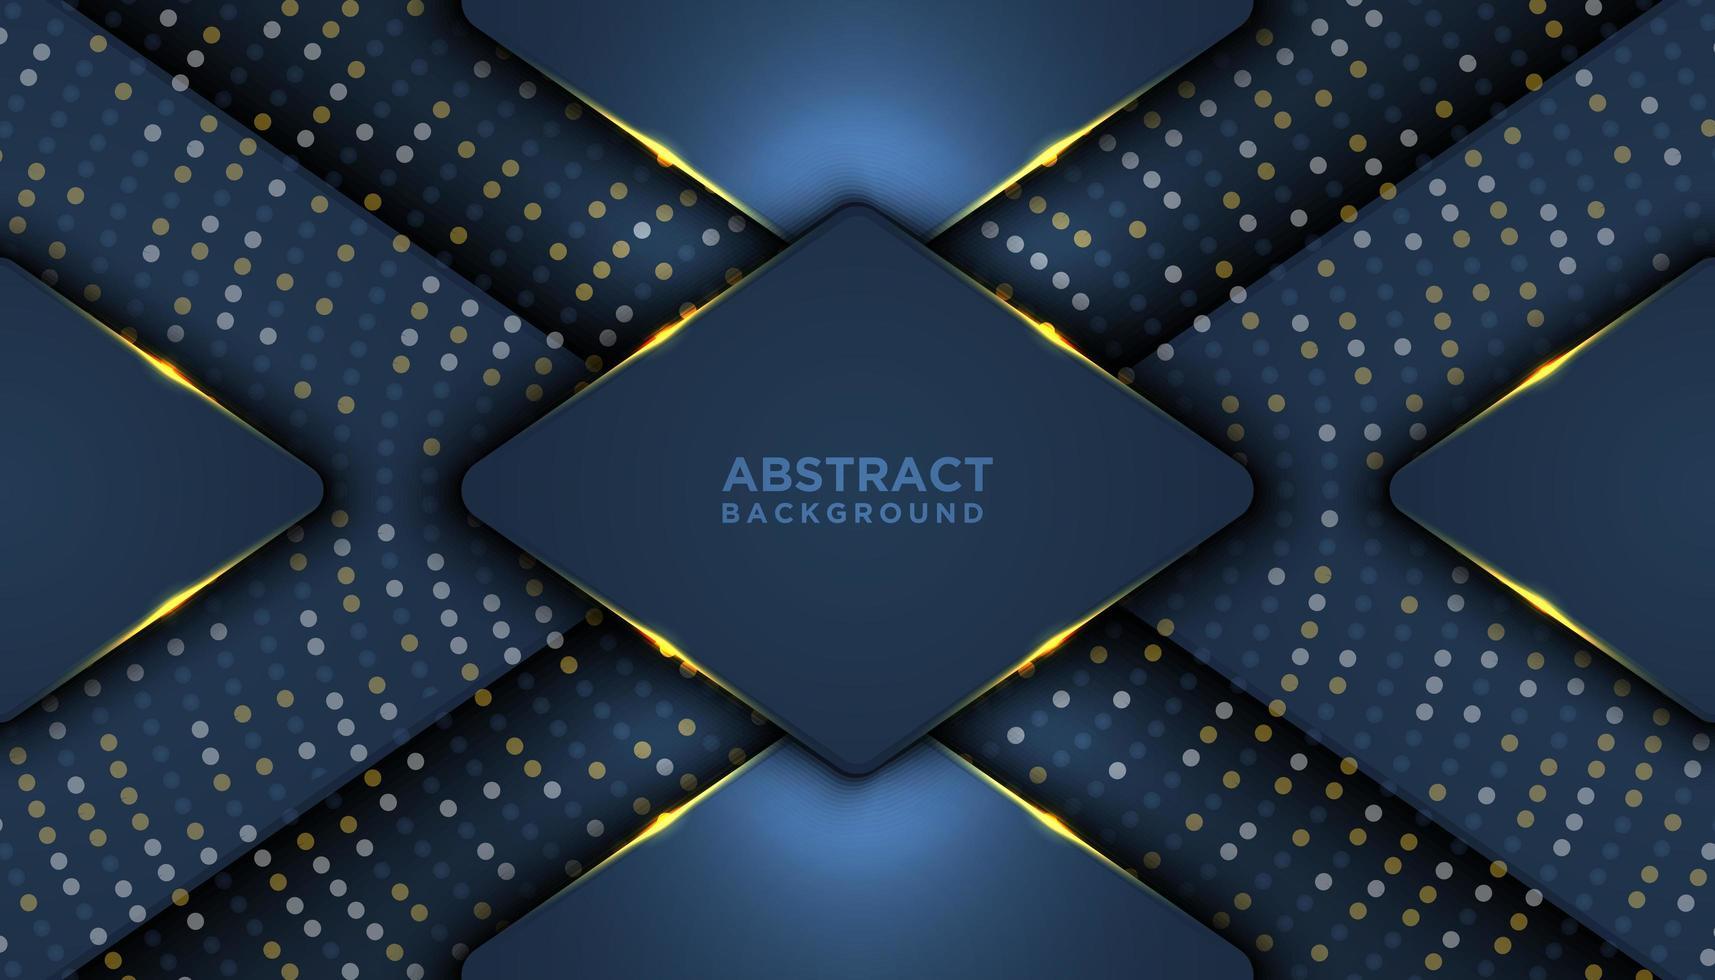 överlappande geometrisk 3d formar lyxbakgrund vektor